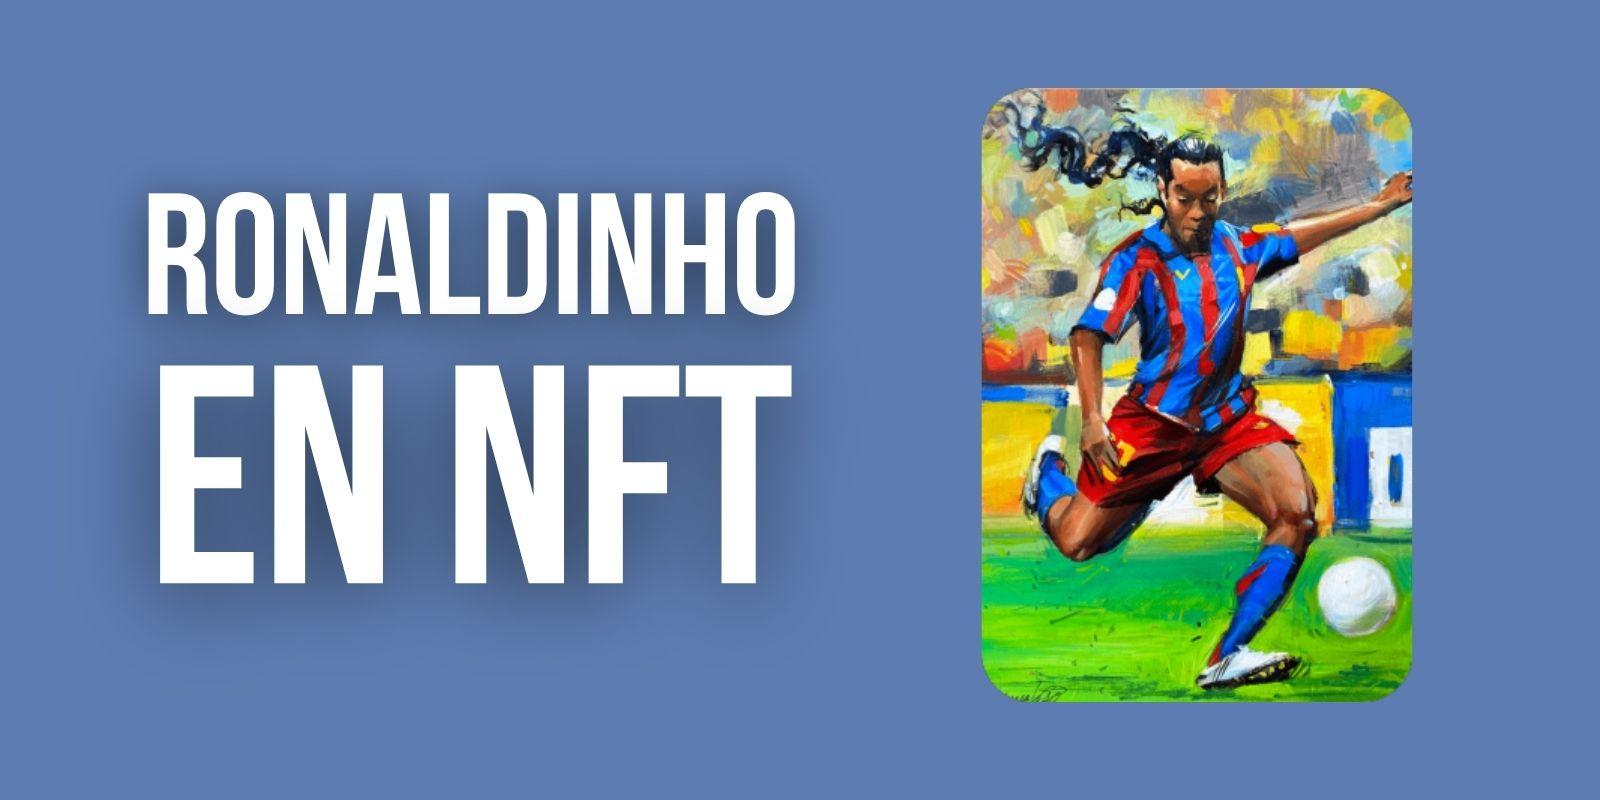 Le footballeur Ronaldinho lance une collection de NFTs